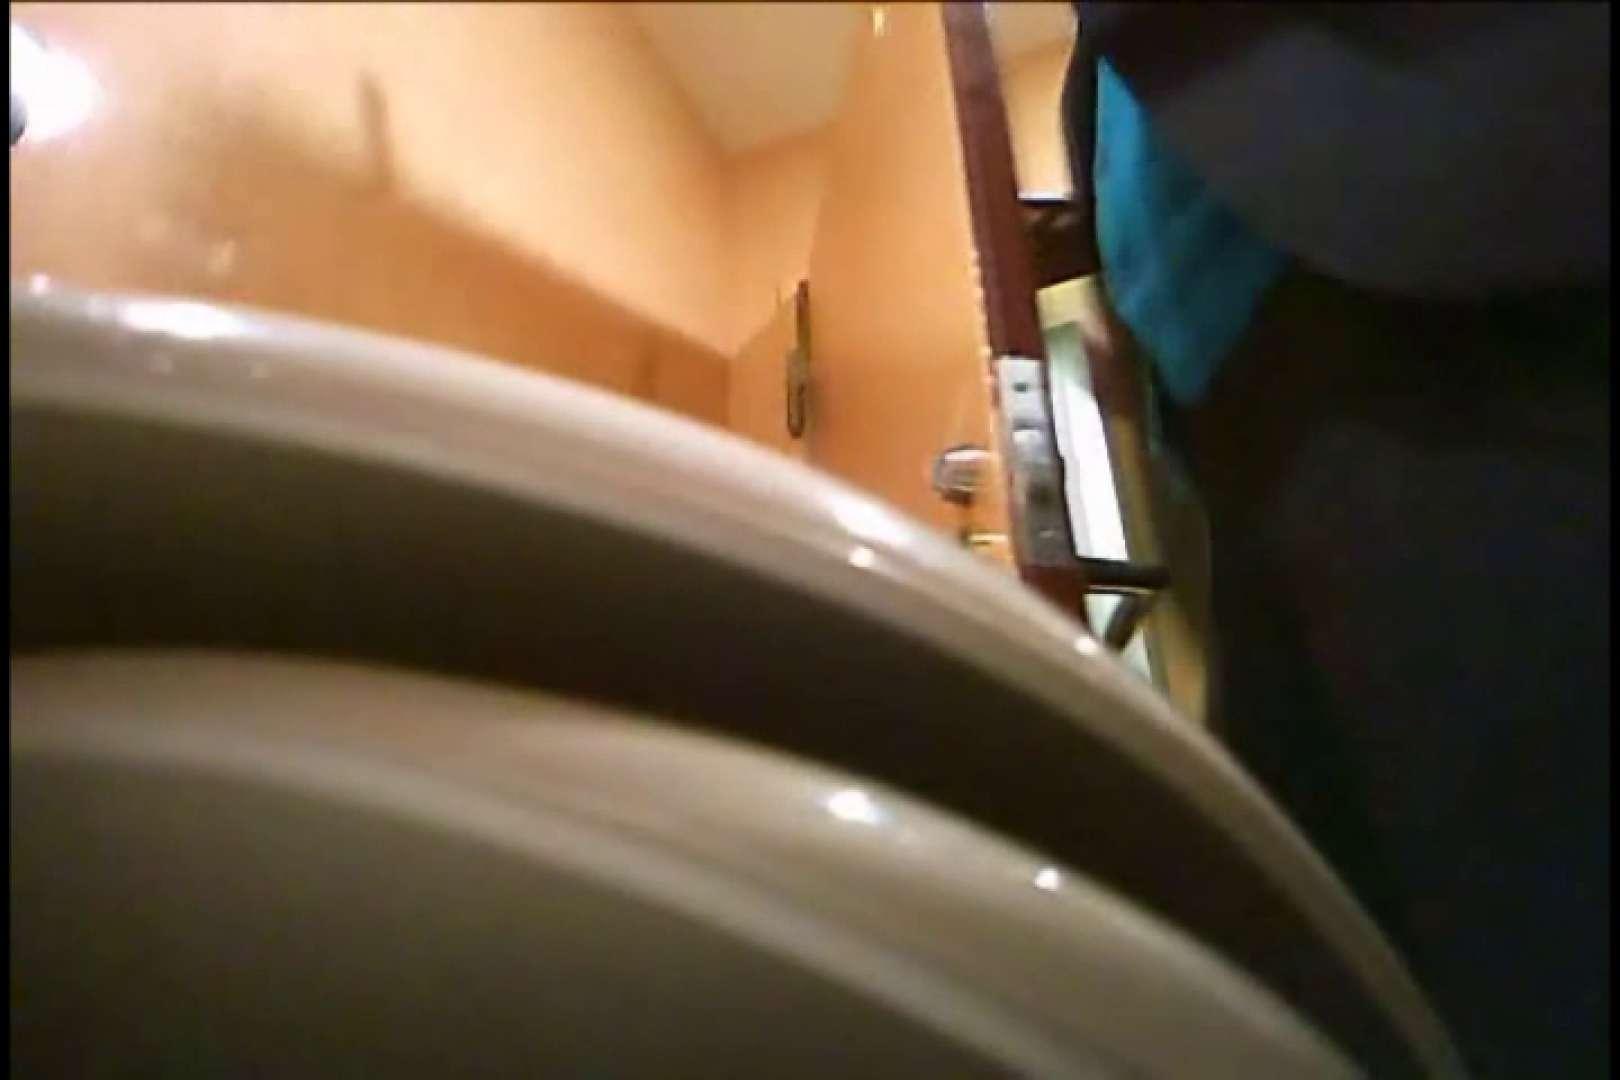 Gボーイ初投稿!掴み取りさんの洗面所覗き!in新幹線!VOL.04 スーツボーイズ   のぞき  65pic 38